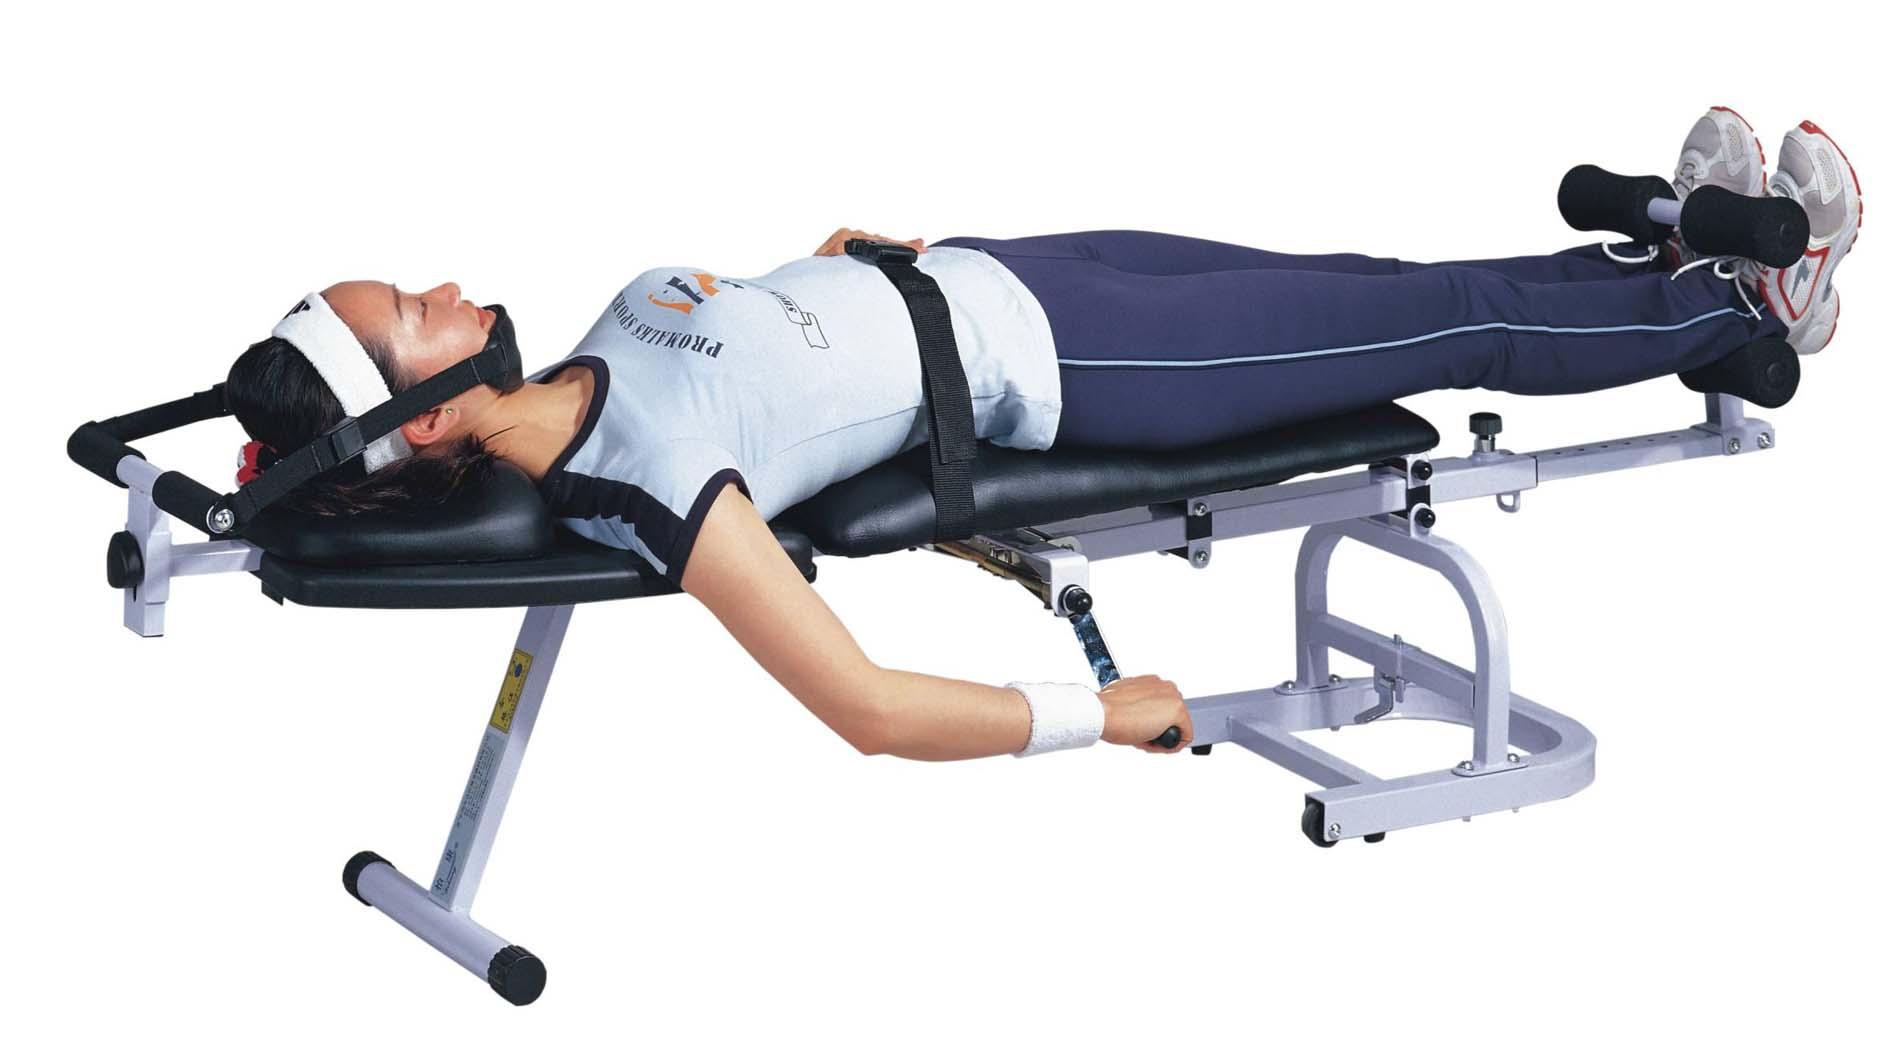 供应牵引拉伸运动机辅助腰椎颈椎病